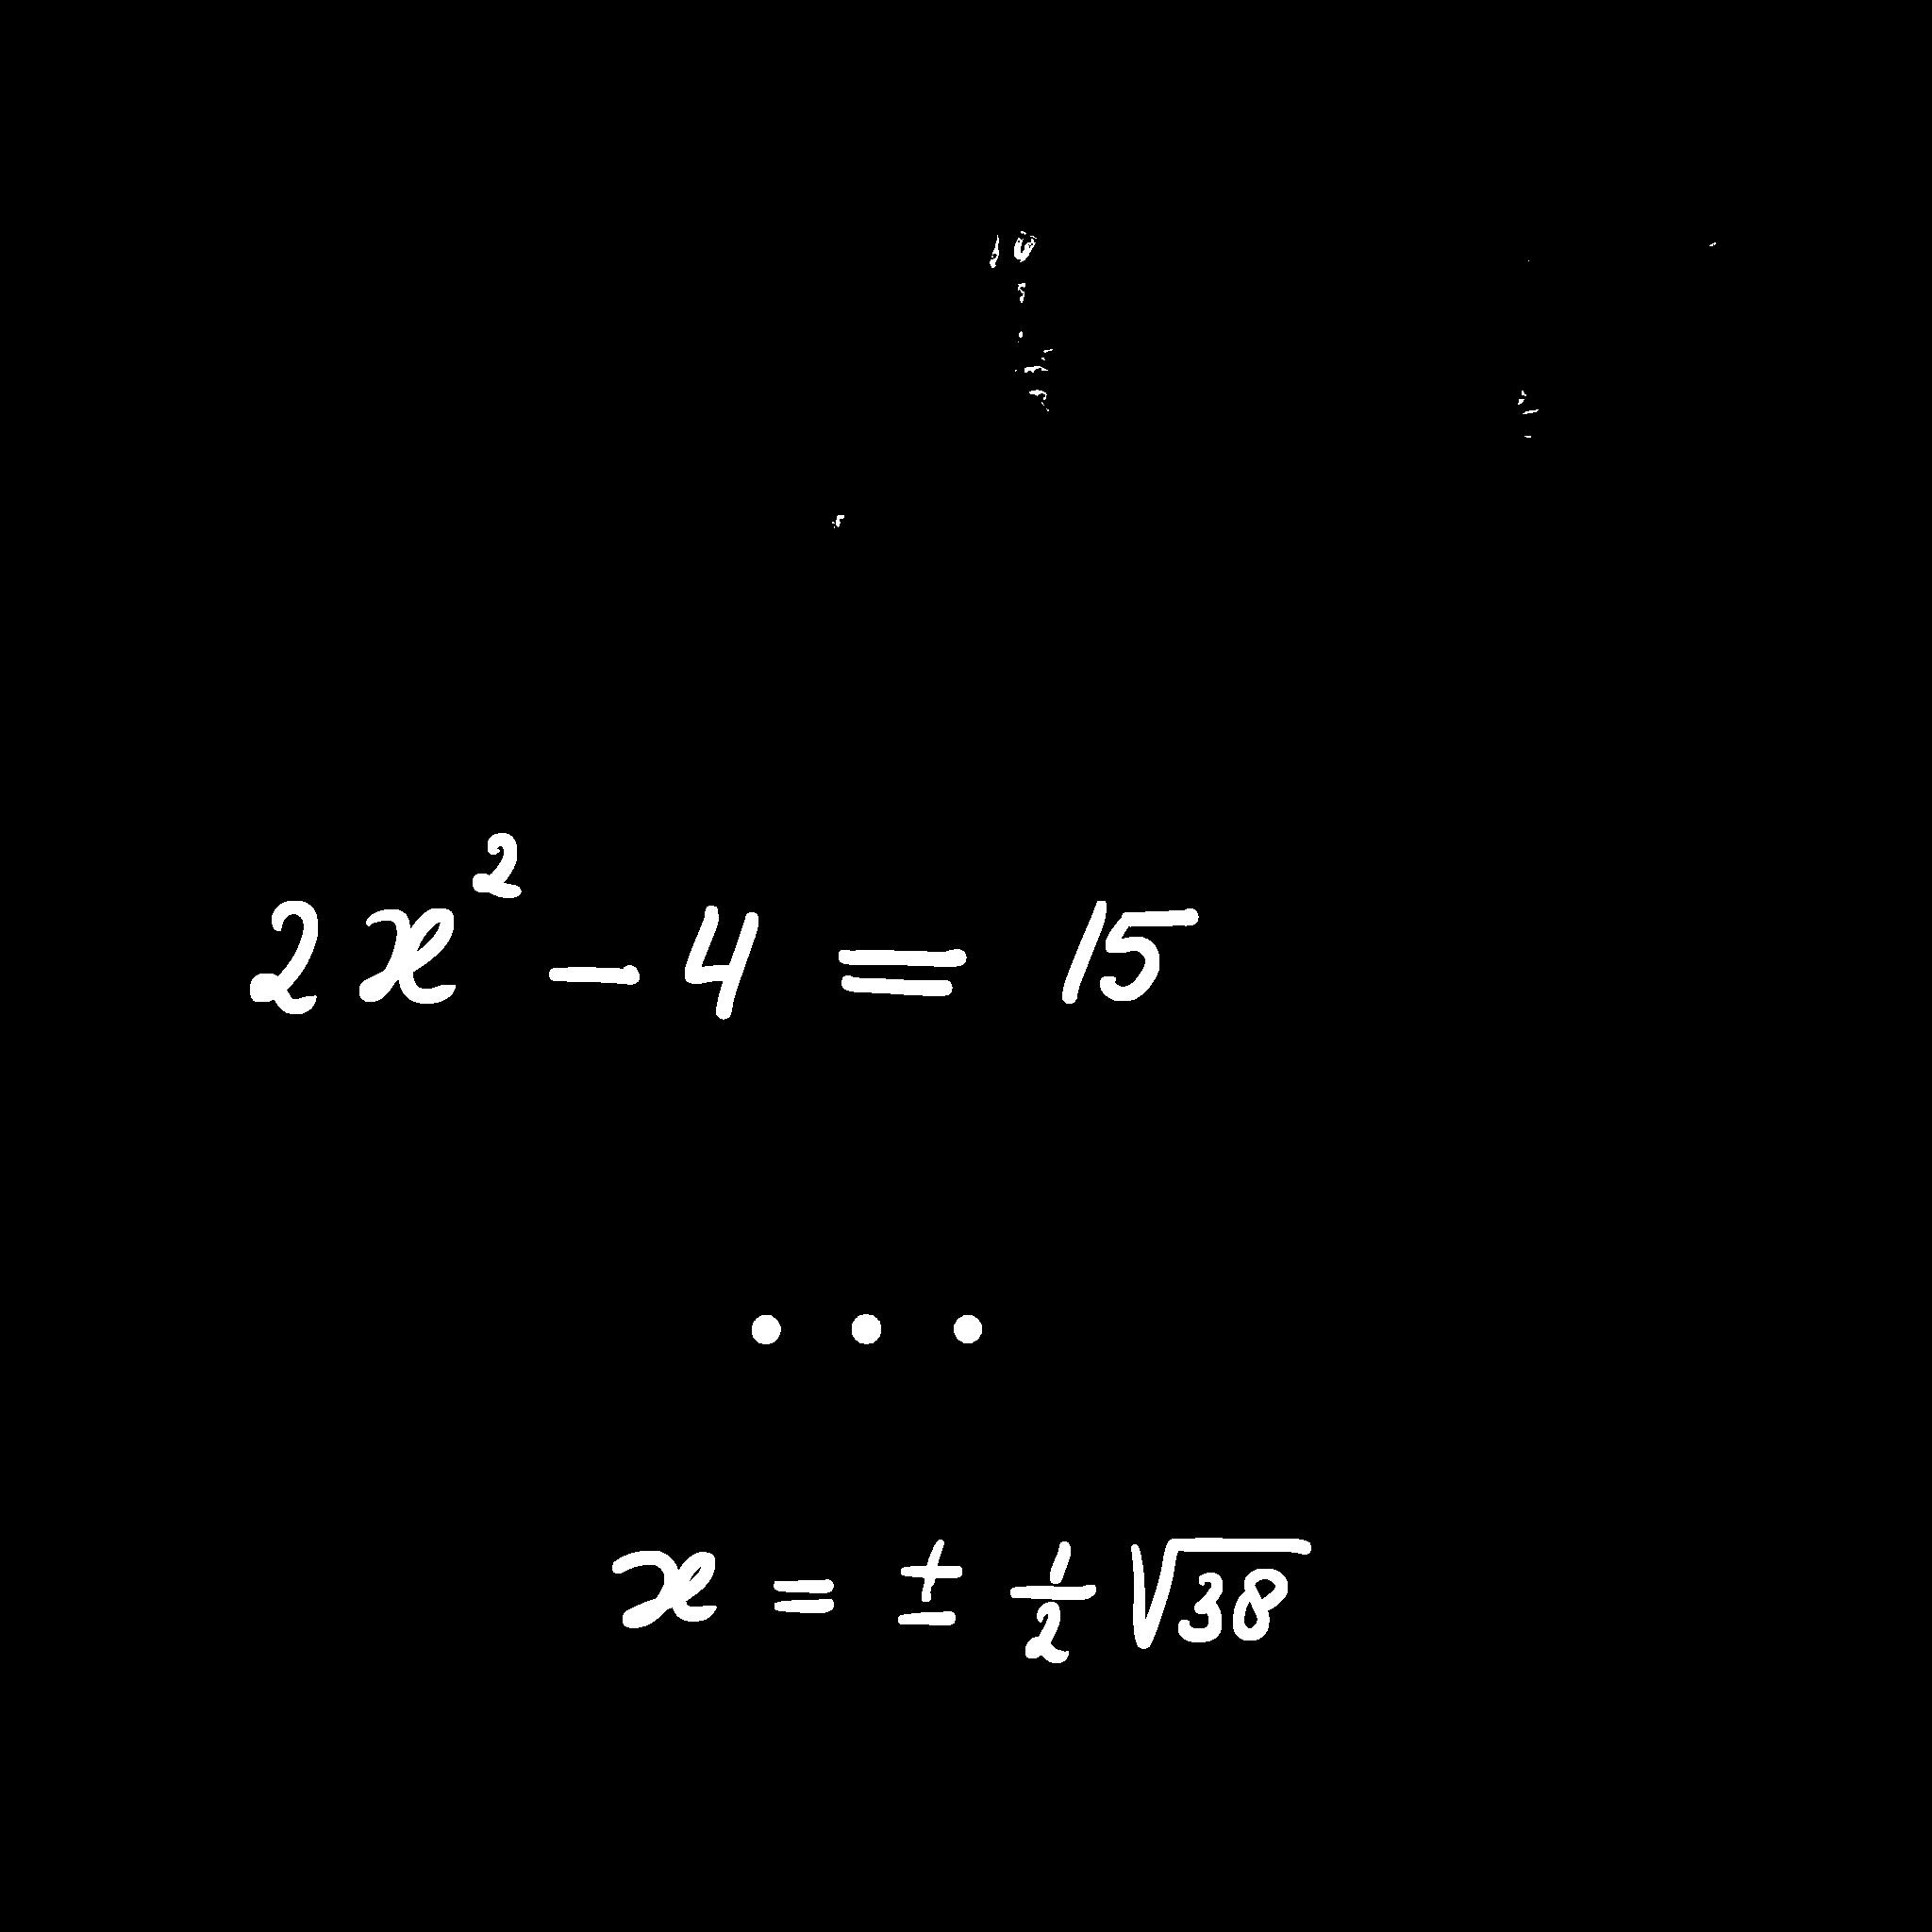 kwadratische vergelijking zonder x-term oplossen